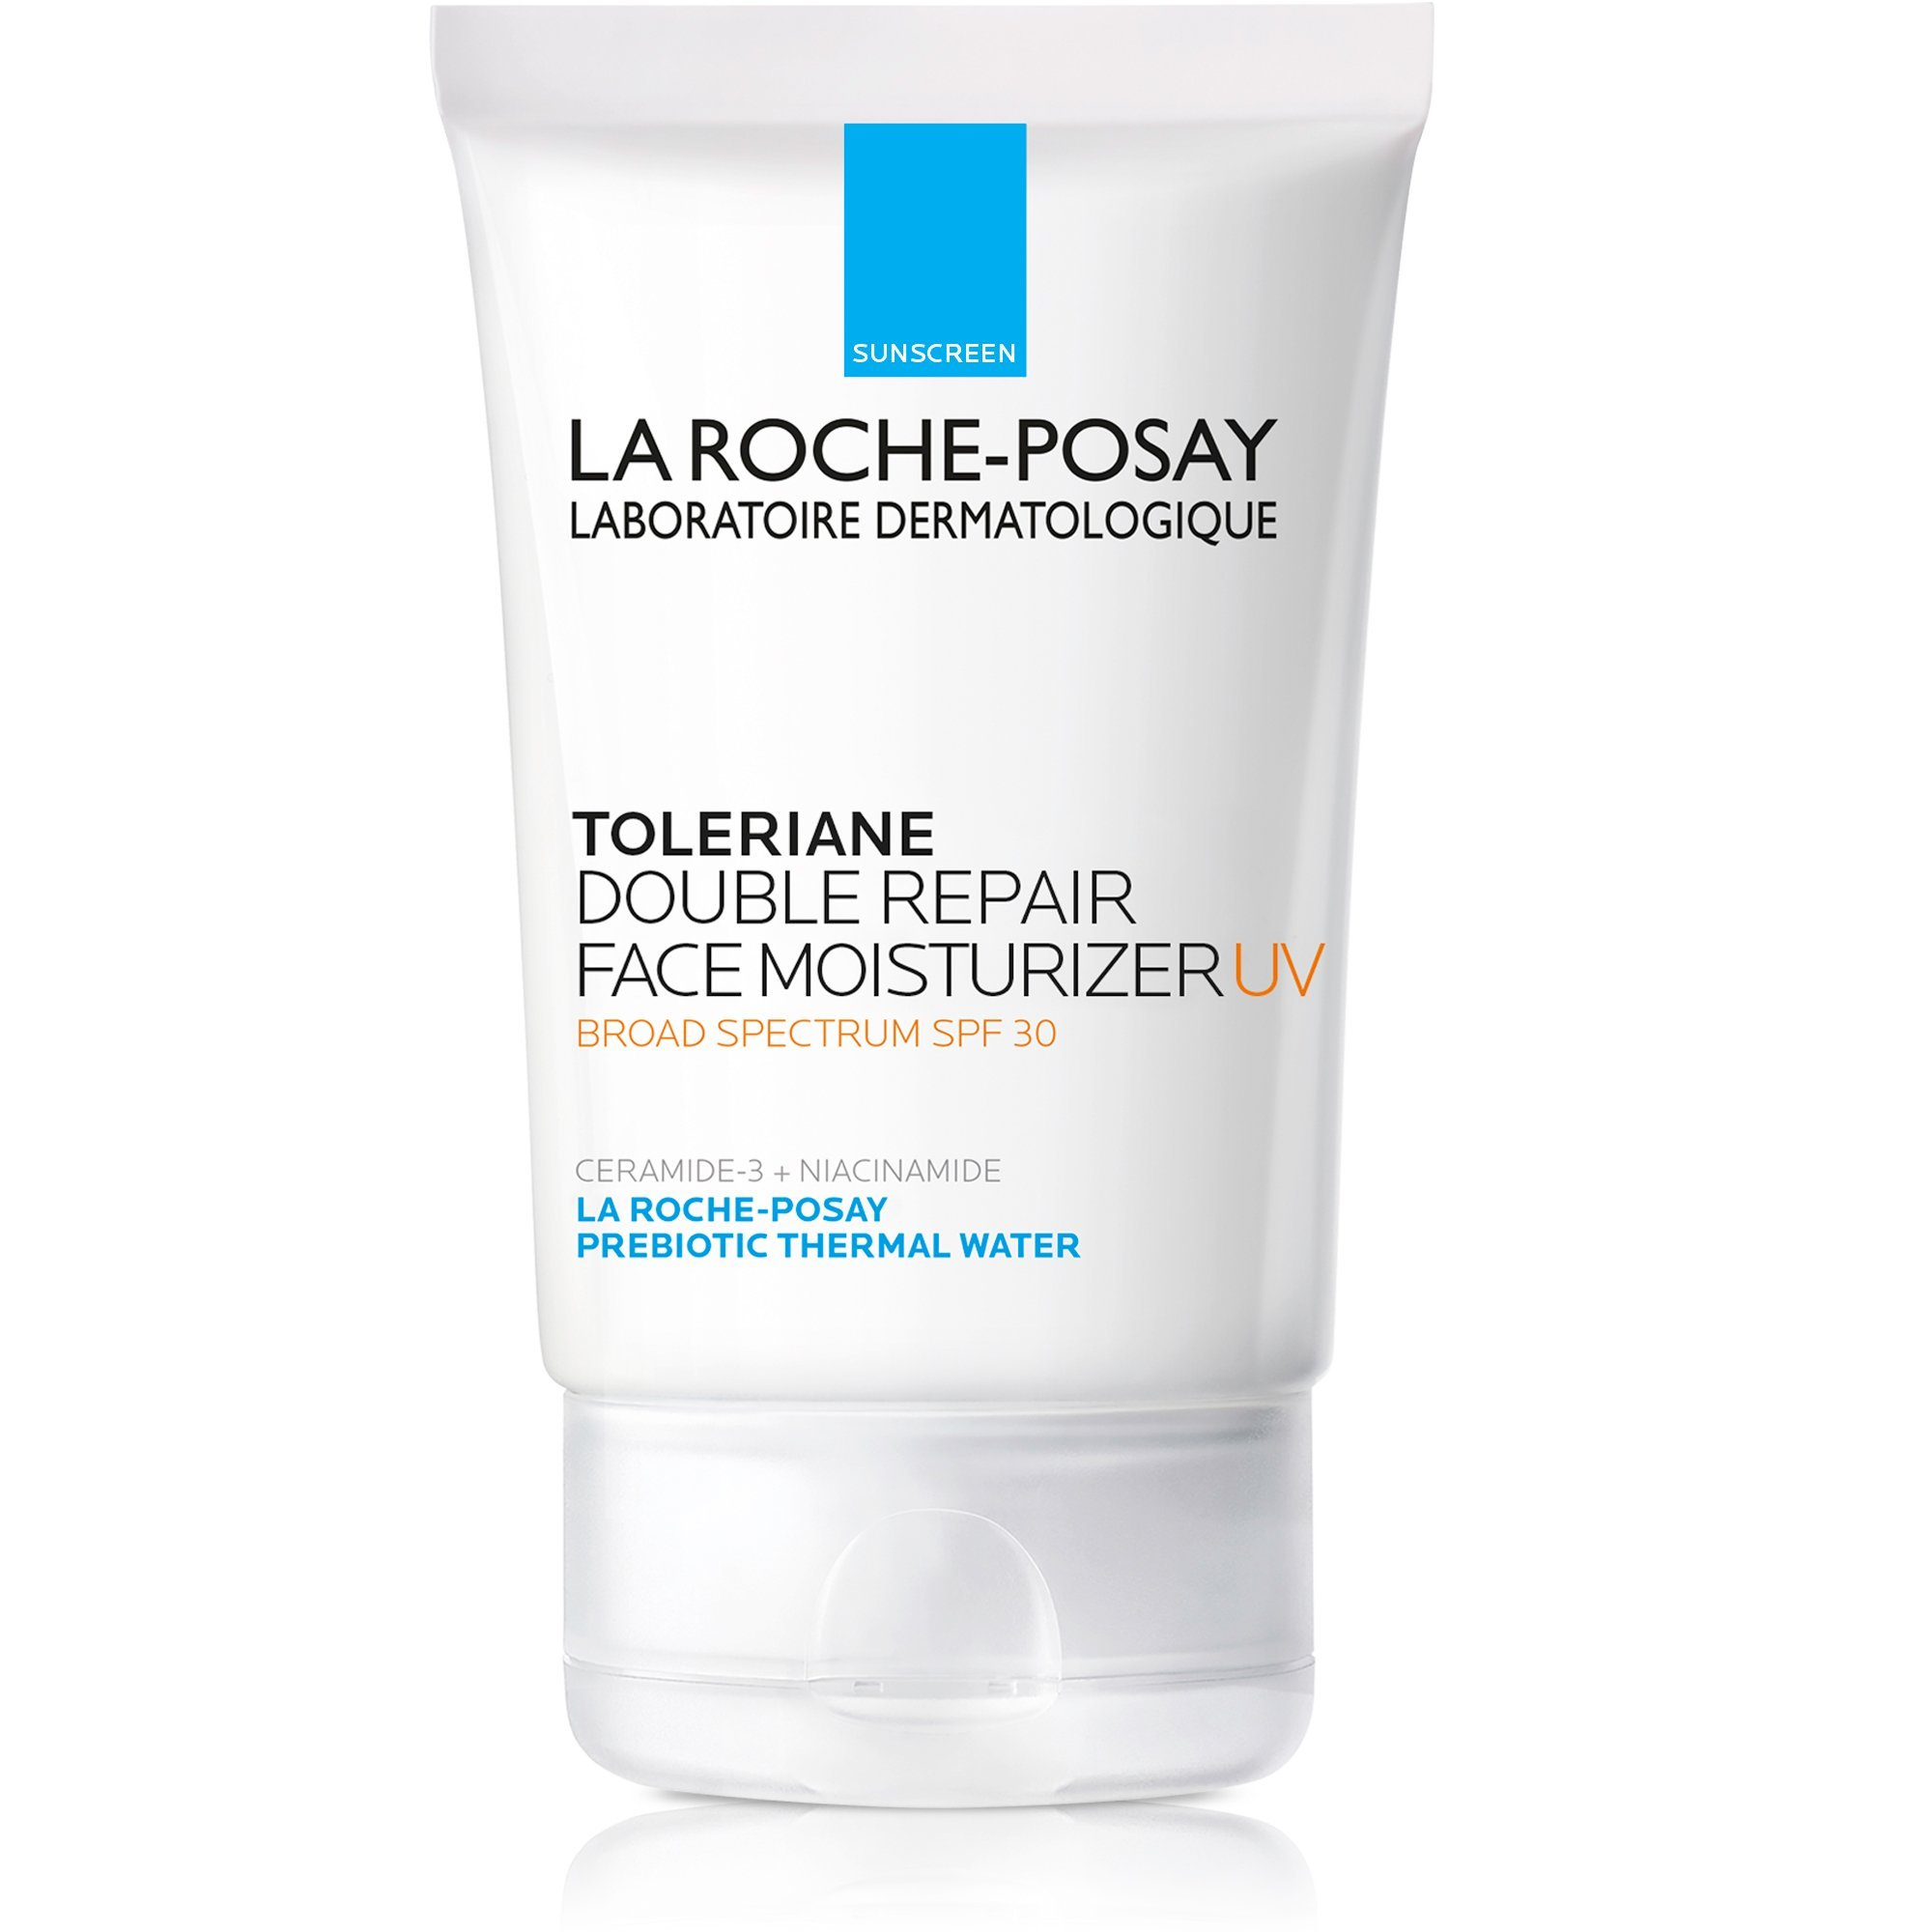 La Roche-Posay Toleriane Double Repair Moisturizer with SPF 30, 2.5 Fl. Oz. by La Roche-Posay